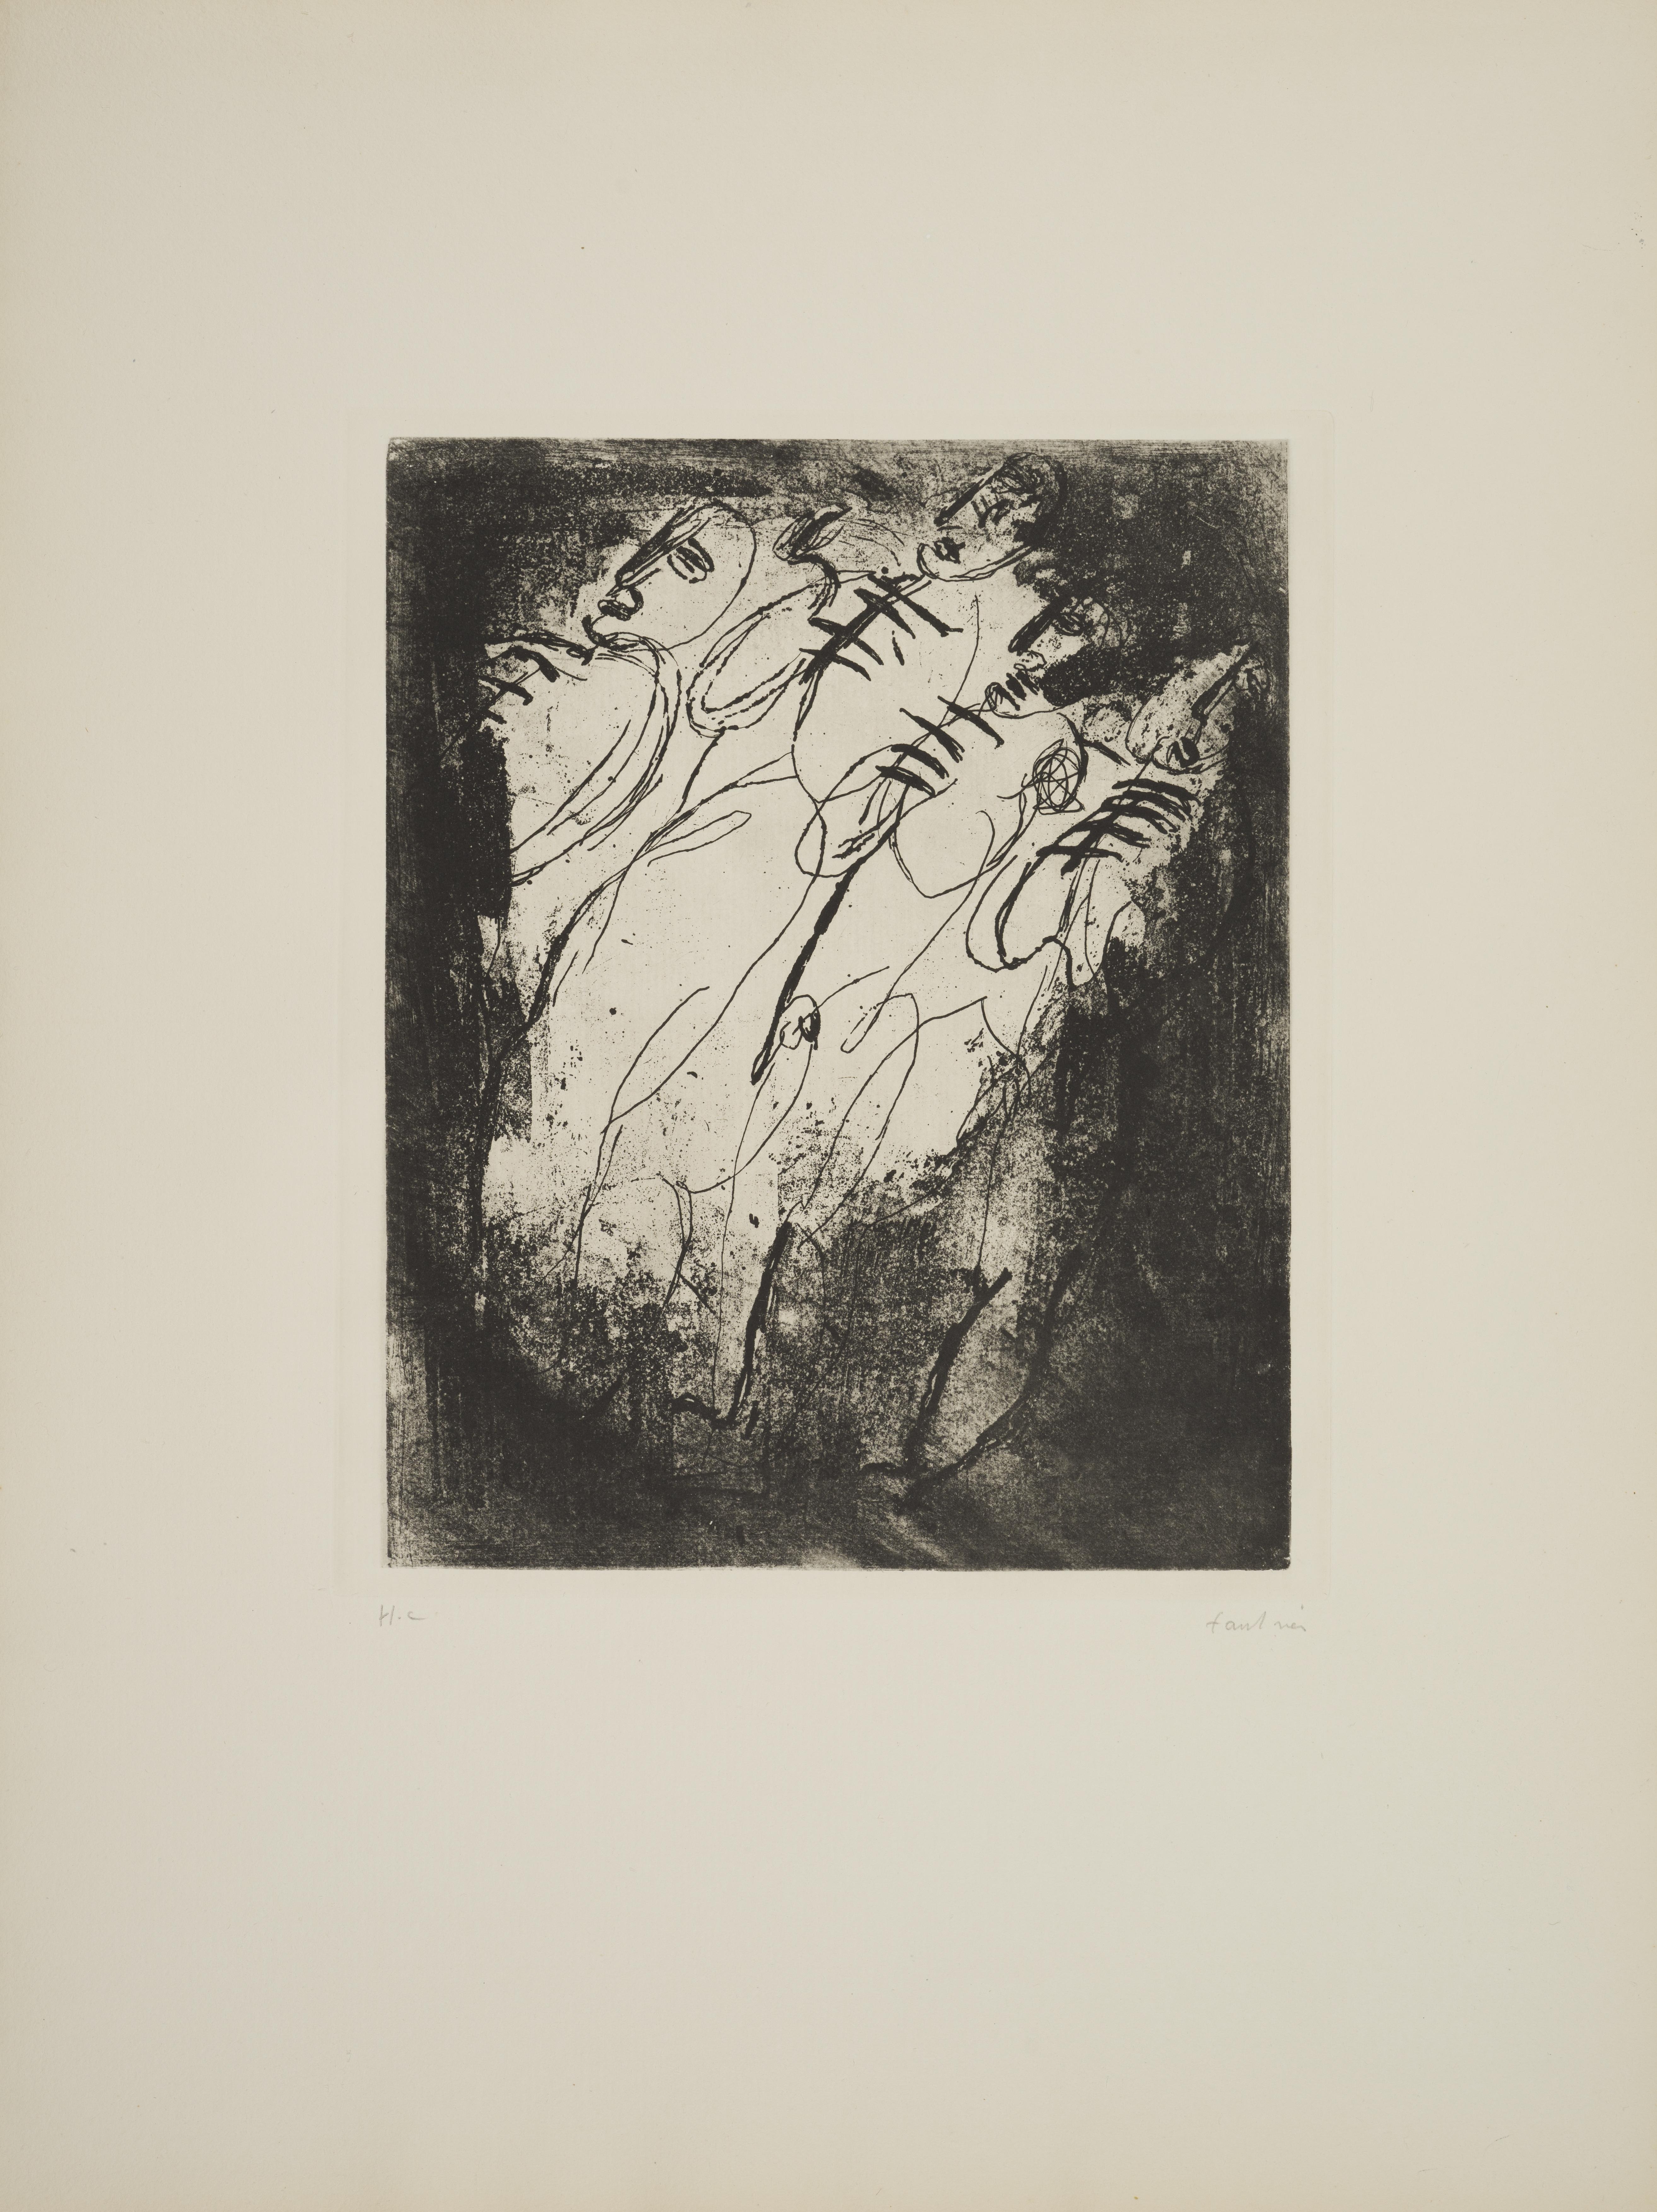 Lot 10 - Jean FAUTRIER (1898-1964) - Les fusillés, 1943 - Héliogravure et eau-forte sur [...]